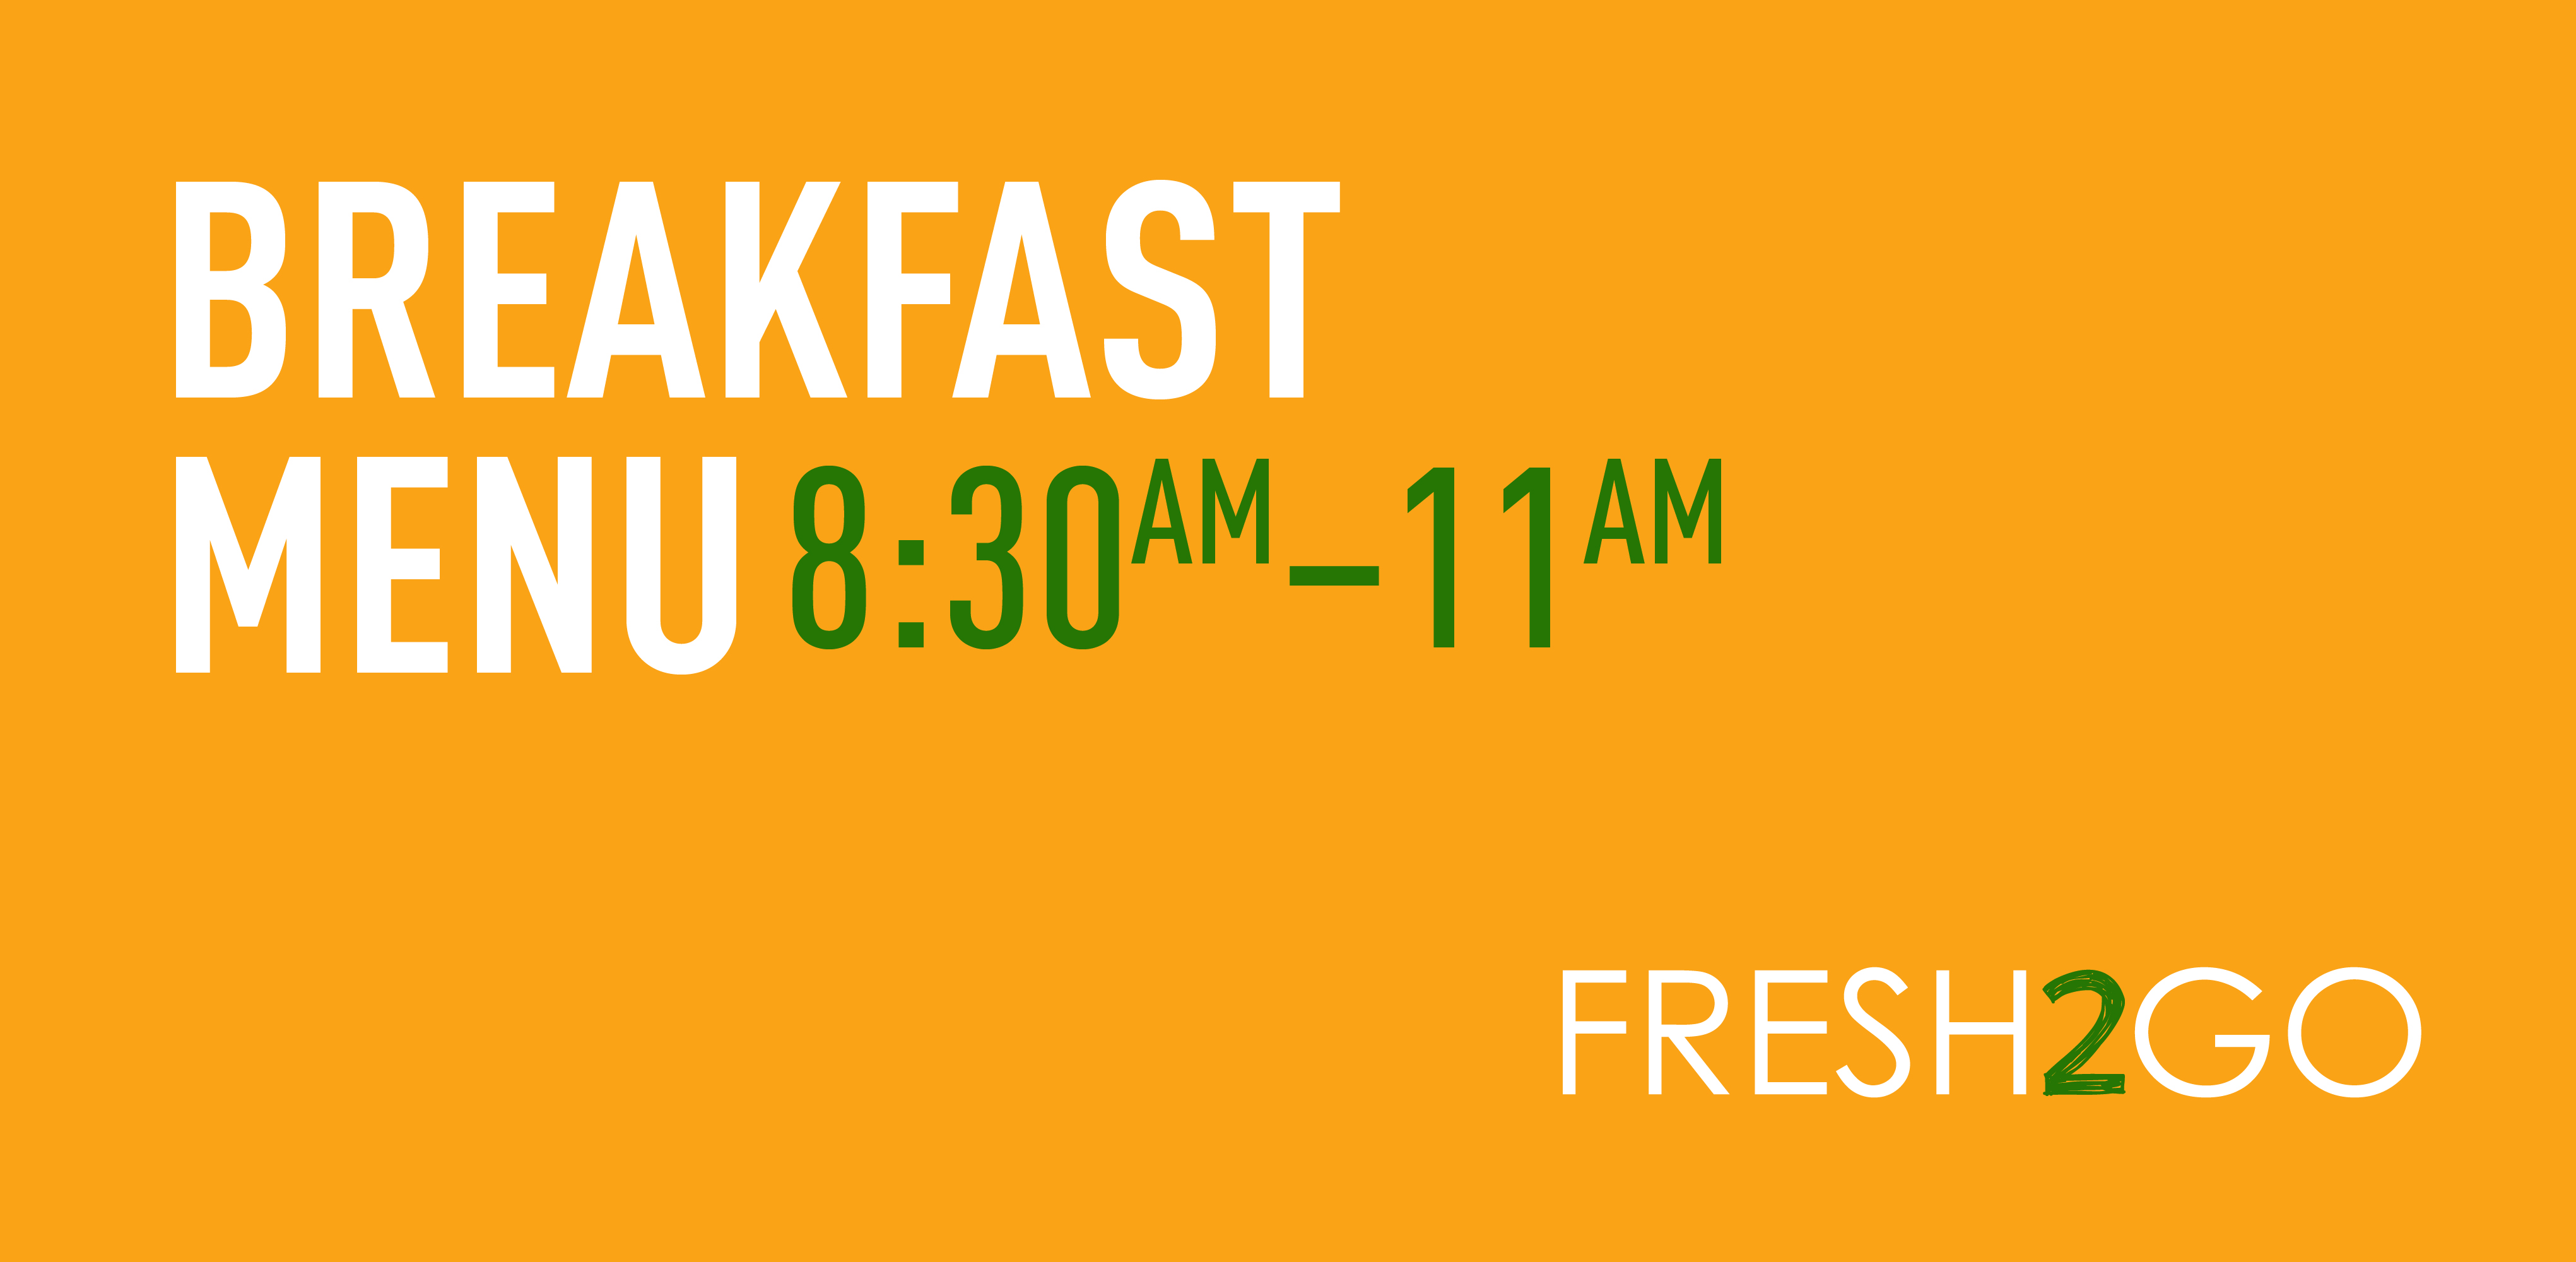 Breakfast menu banner